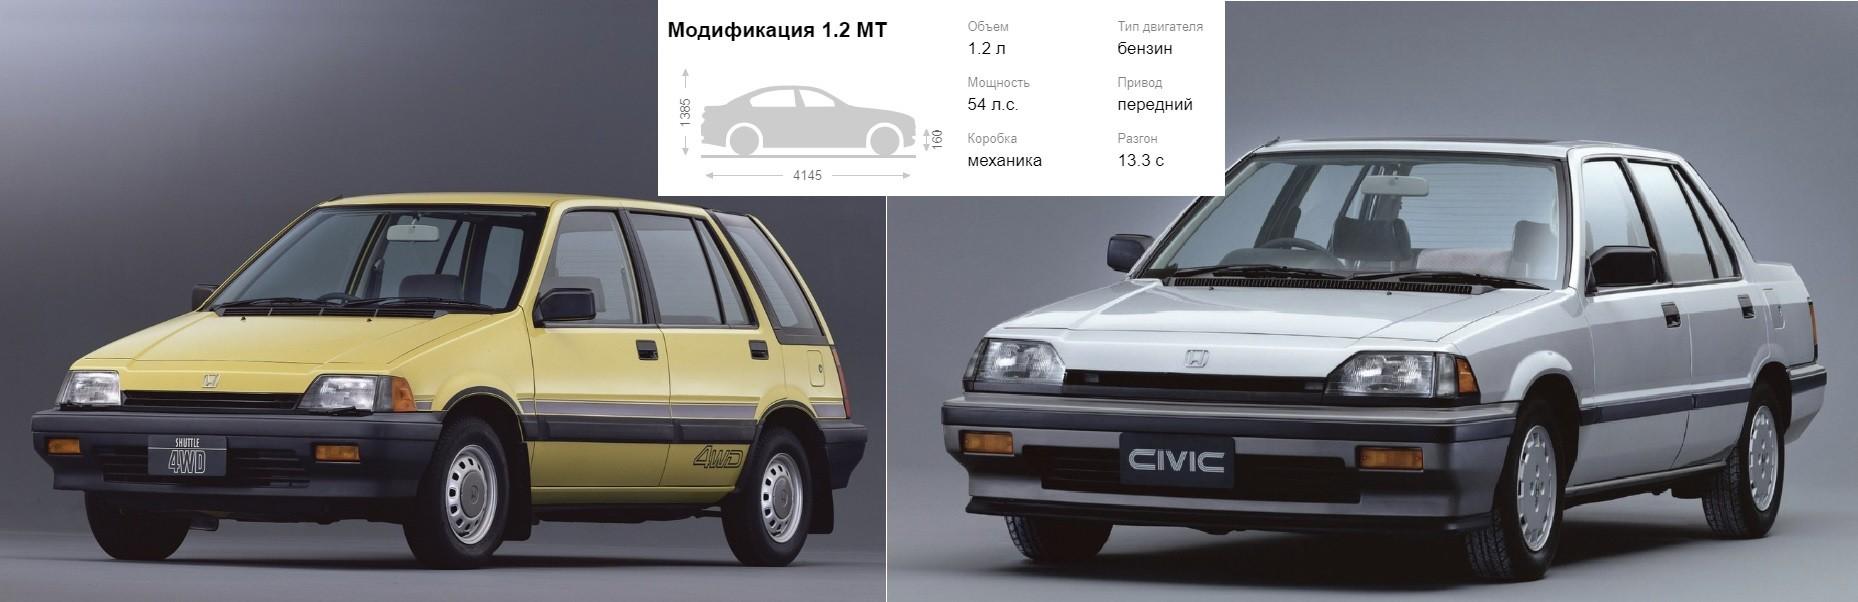 Третье поколение Honda Civic